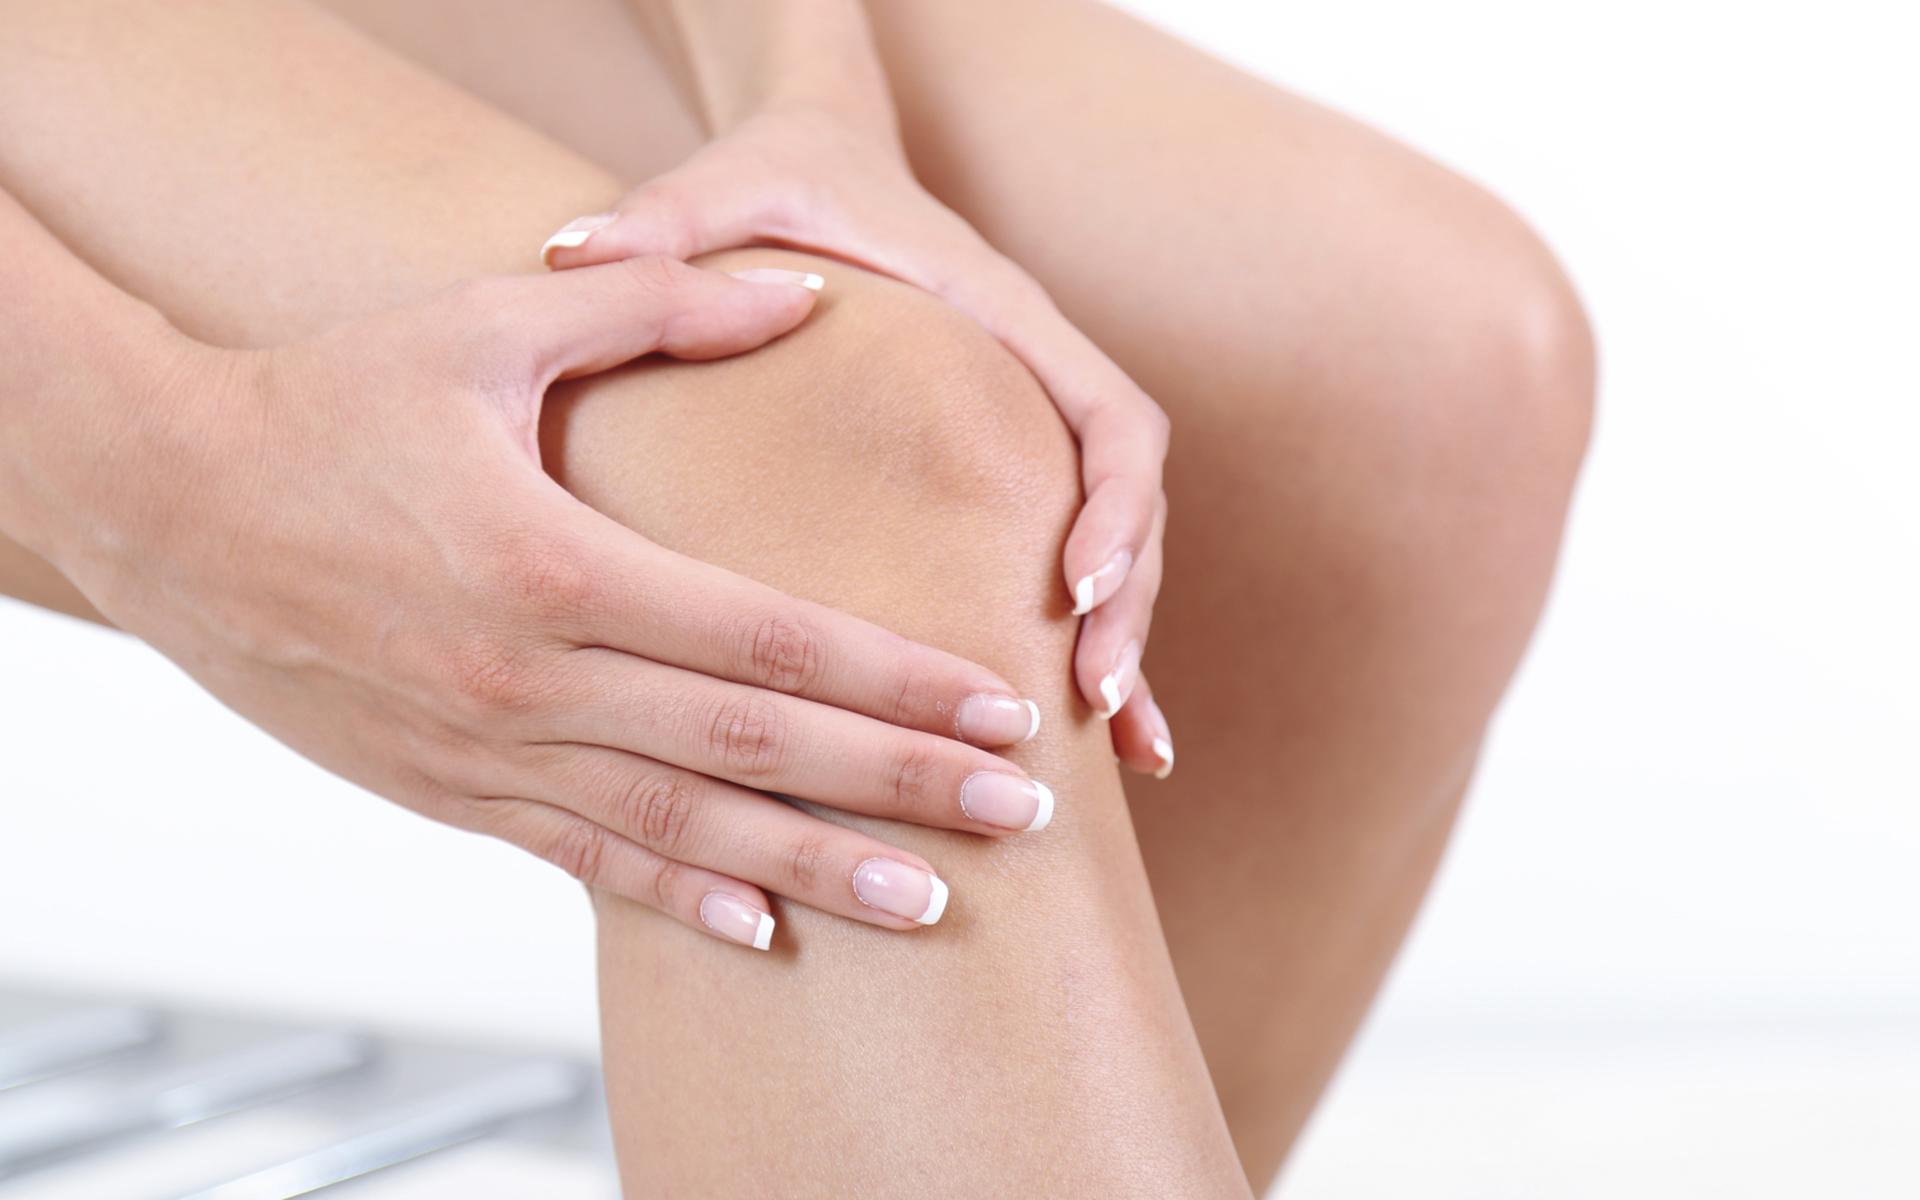 cum să identifice artroza articulației șoldului